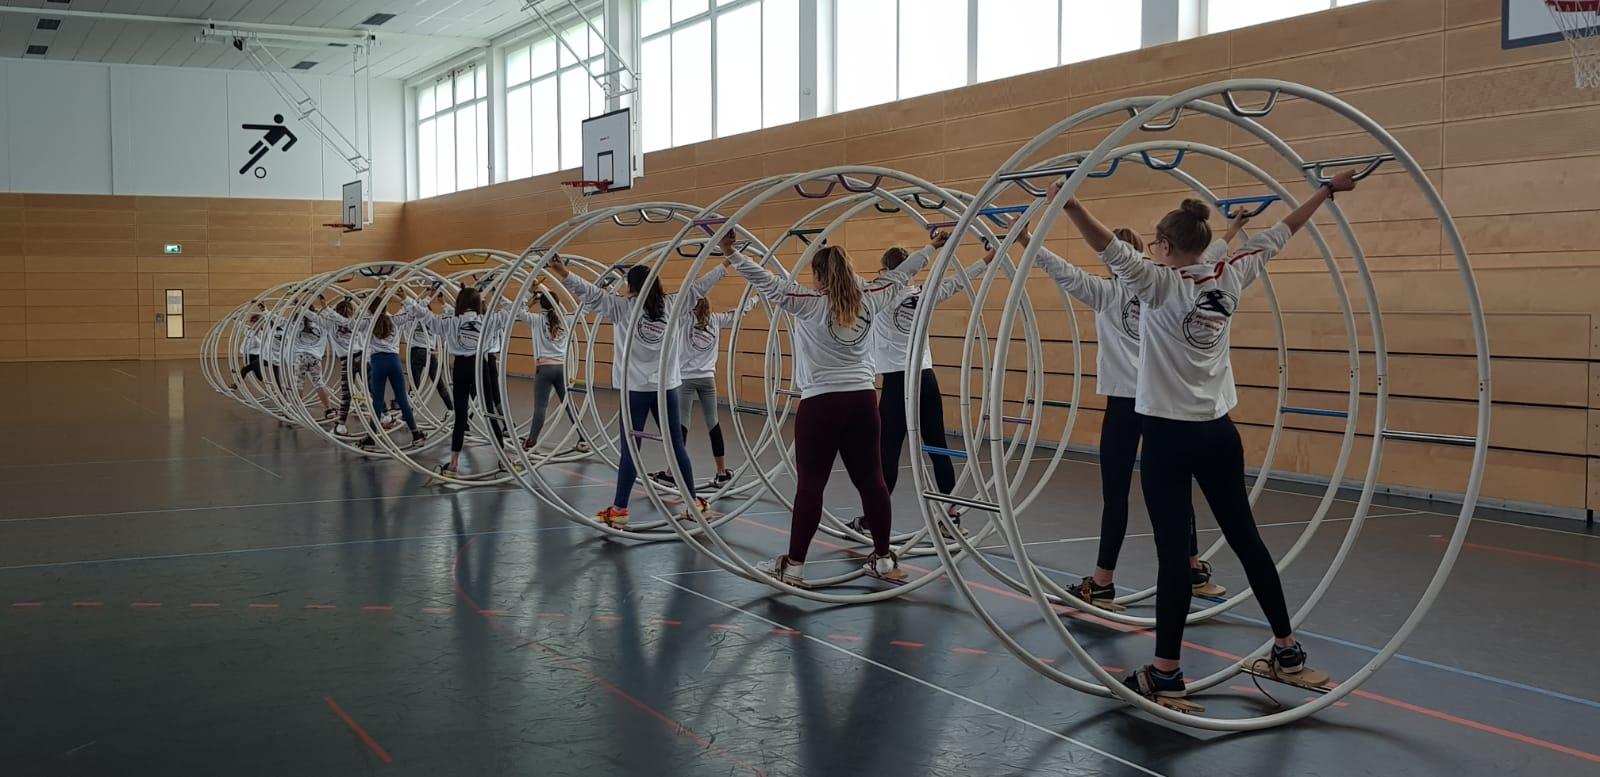 Das Training findet in der Schulturnhalle der Rhönschule statt.